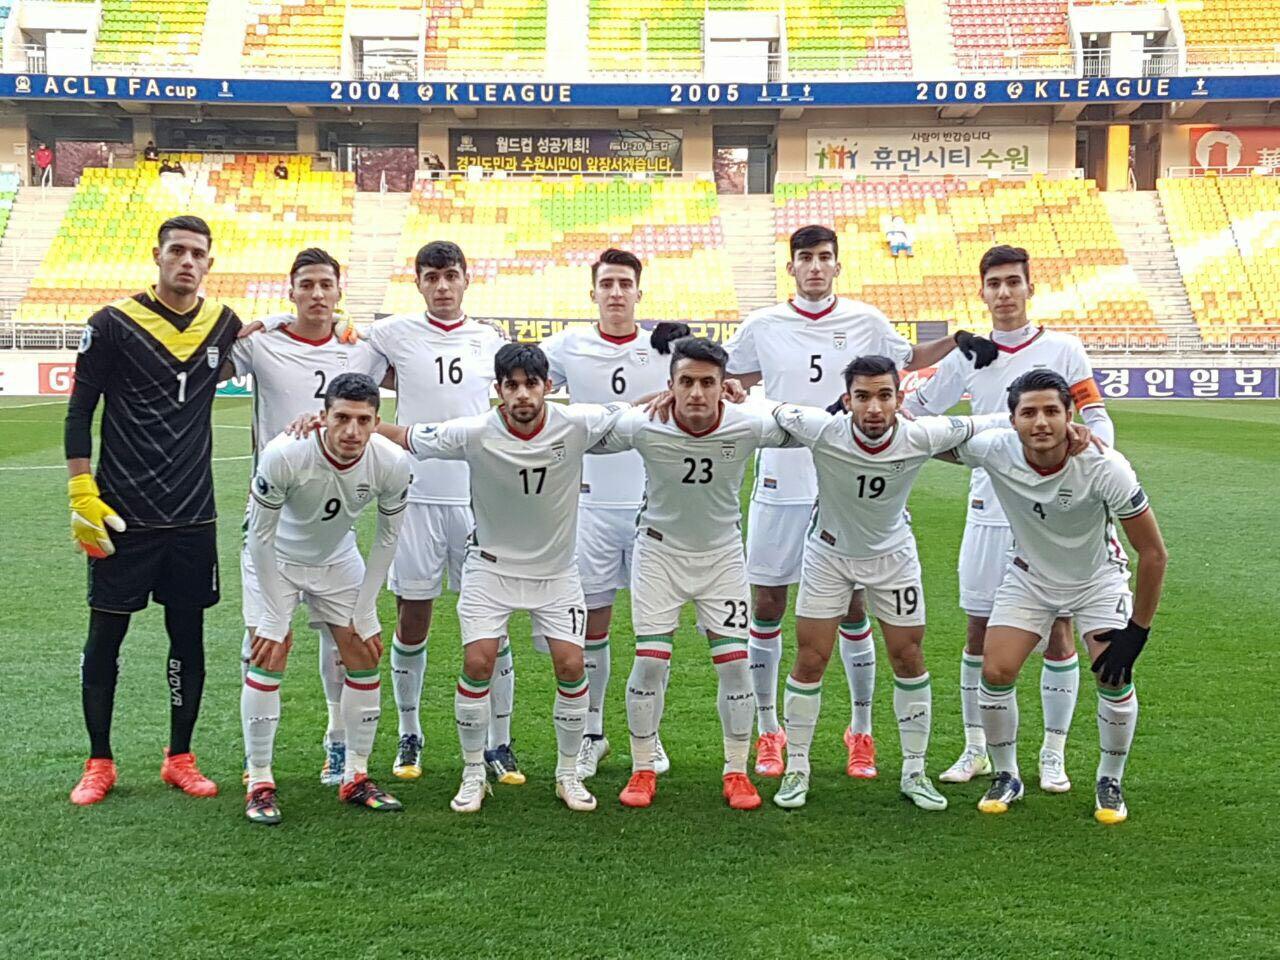 ترکیب تیم ملی فوتبال امید ایران برای دیدار با ازبکستان مشخص شد